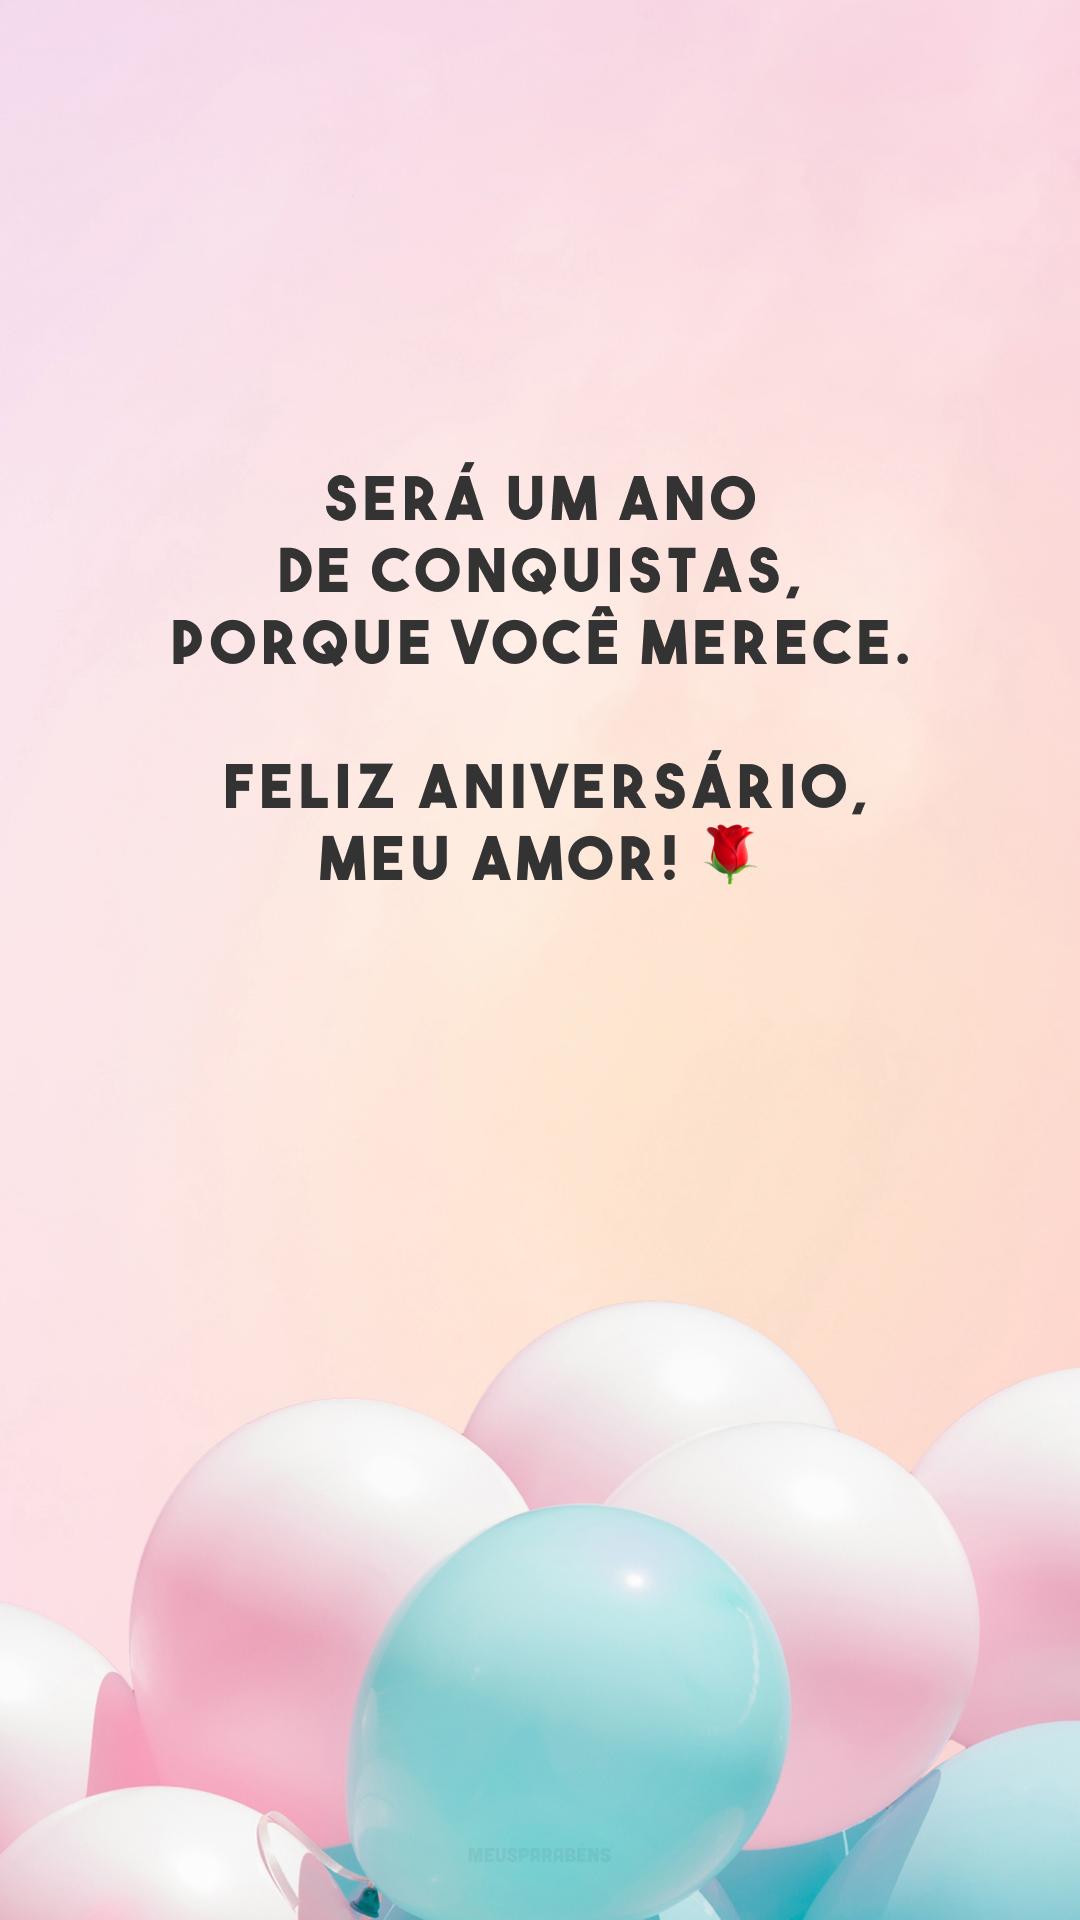 Será um ano de conquistas, porque você merece. Feliz aniversário, meu amor! 🌹